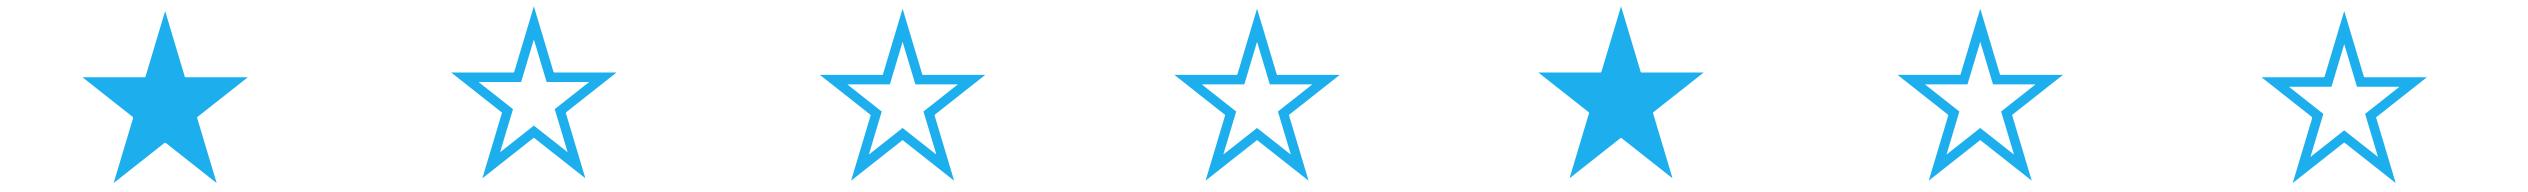 hodnocení štítek přesnosti vodoměru SMARTm C